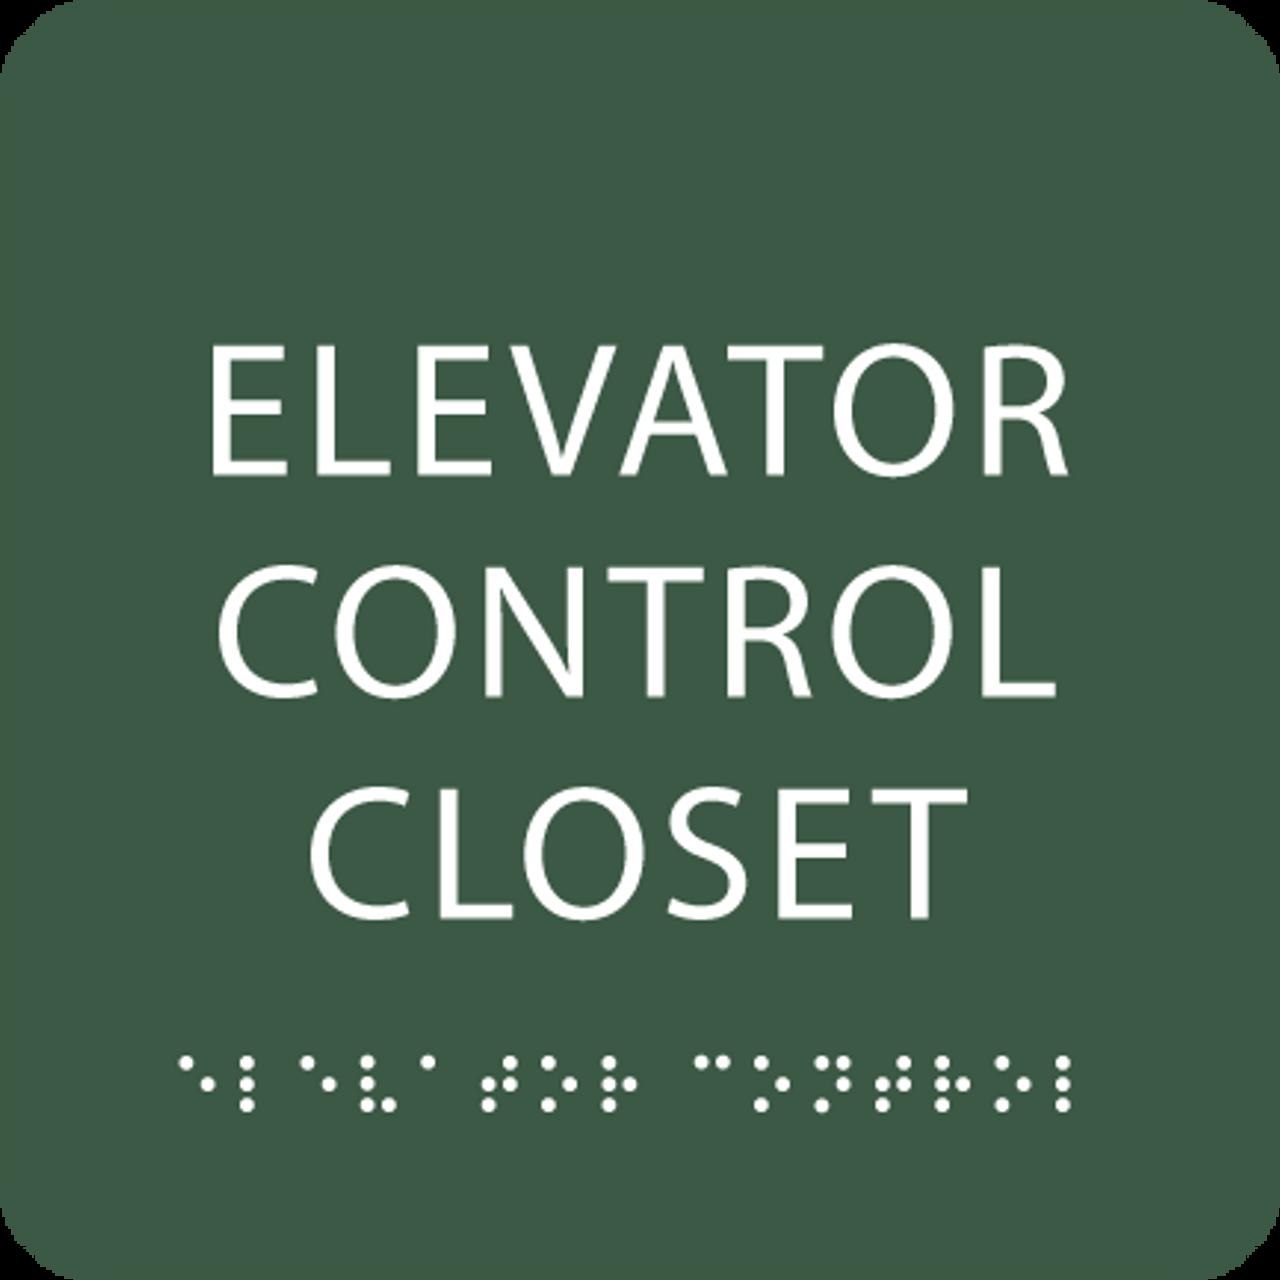 Green Elevator Control Closet ADA Sign